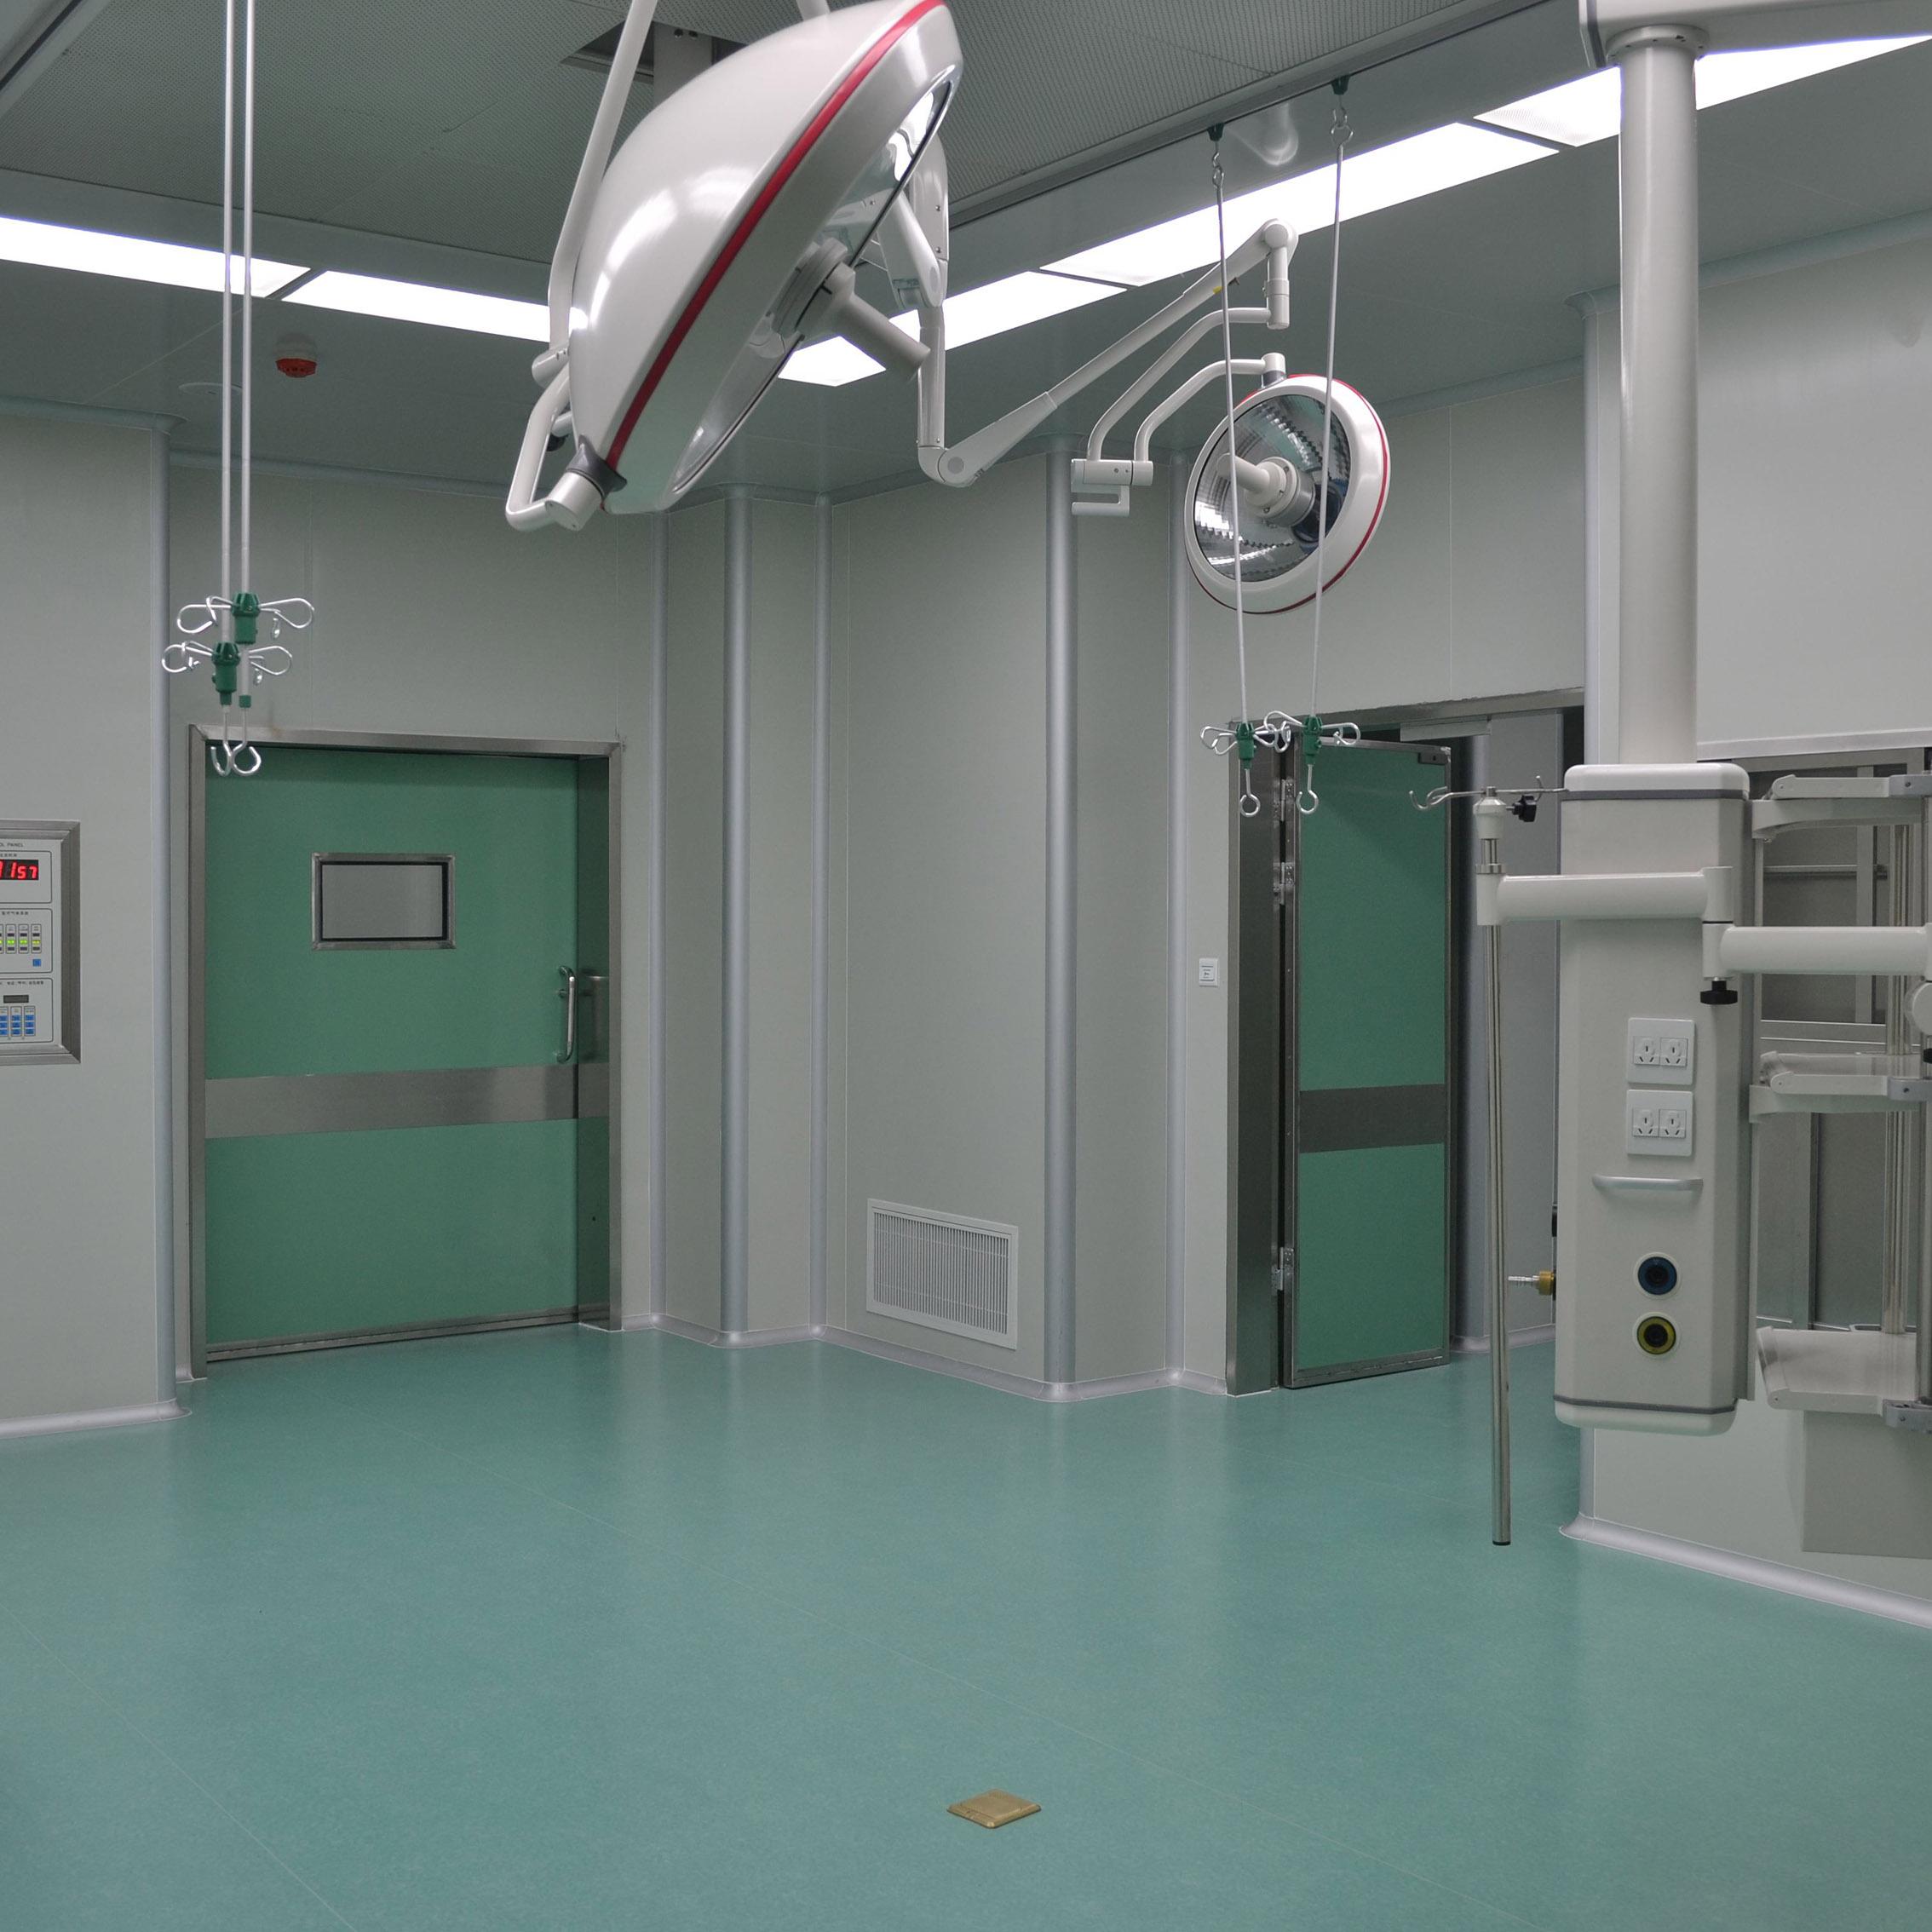 醫院手術室潔凈系統維護保養工作要求